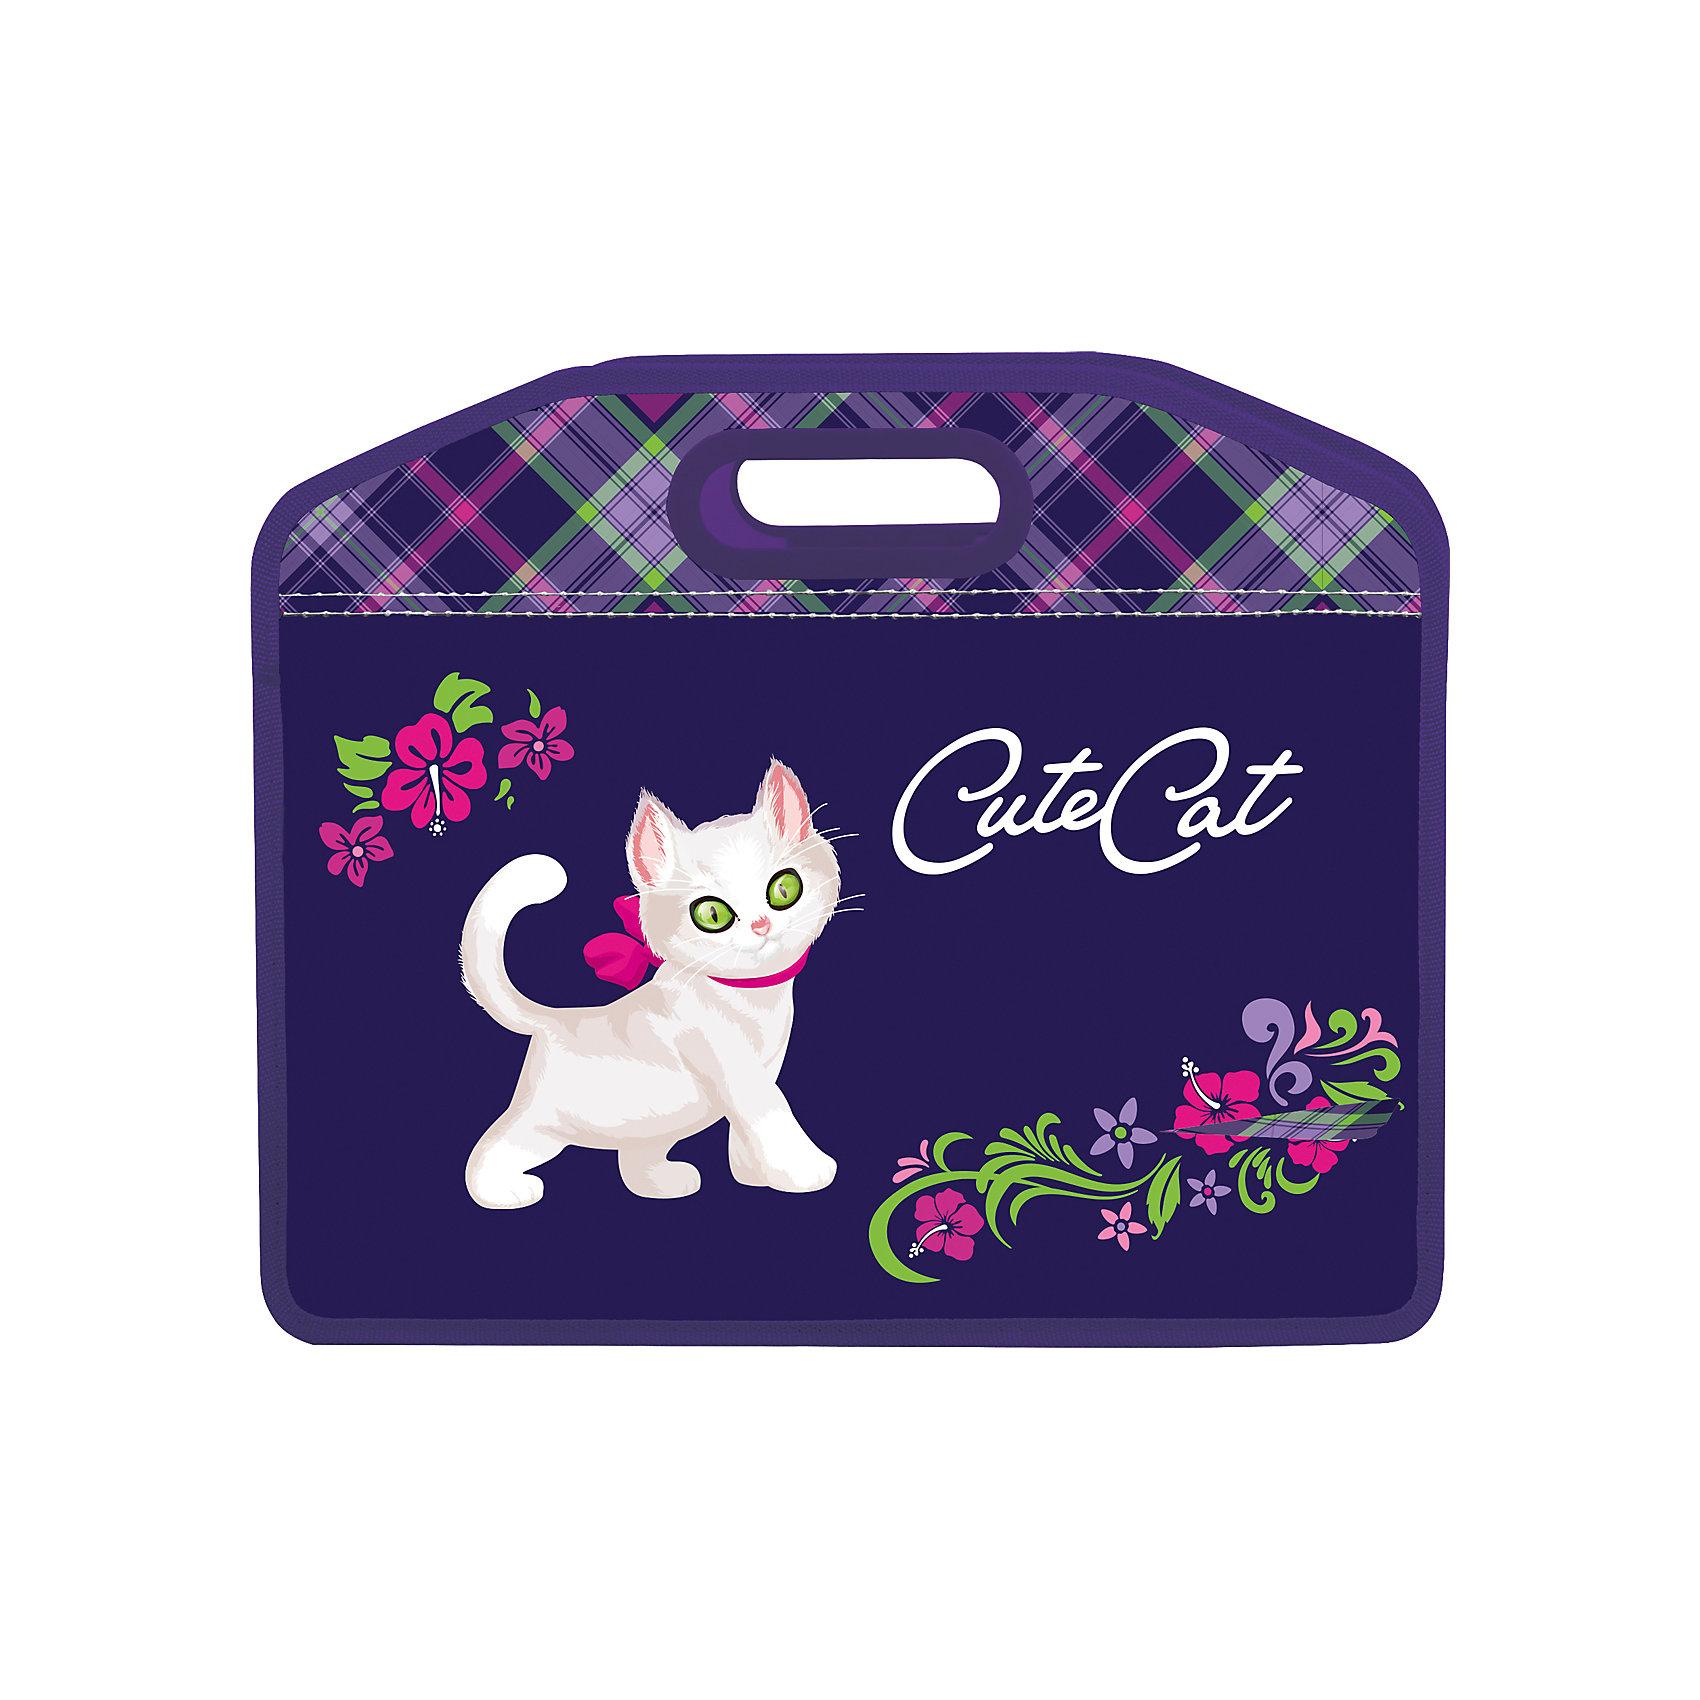 Папка-сумка Кошка, А4Сумка пластиковая предназначена специально для девочек. Дизайн выполнен в сиреневых и розовых цветах, дополнен клетчатым узором и цветочным принтом. Изображение котенка делает дизайн по-настоящему привлекательным.<br><br>Дополнительная информация: <br><br>- 1 отделение.<br>- Застегивается на молнию.<br>- Материал - полипропилен.<br>- Размер (ВхШхГ) - 37?10?30 см.<br>- Размер упаковки: 34х41х0,5 см.<br>- Вес в упаковке: 190 г.<br><br>Папку-сумку Кошка можно купить в нашем магазине.<br><br>Ширина мм: 340<br>Глубина мм: 410<br>Высота мм: 5<br>Вес г: 190<br>Возраст от месяцев: 72<br>Возраст до месяцев: 144<br>Пол: Женский<br>Возраст: Детский<br>SKU: 4792767